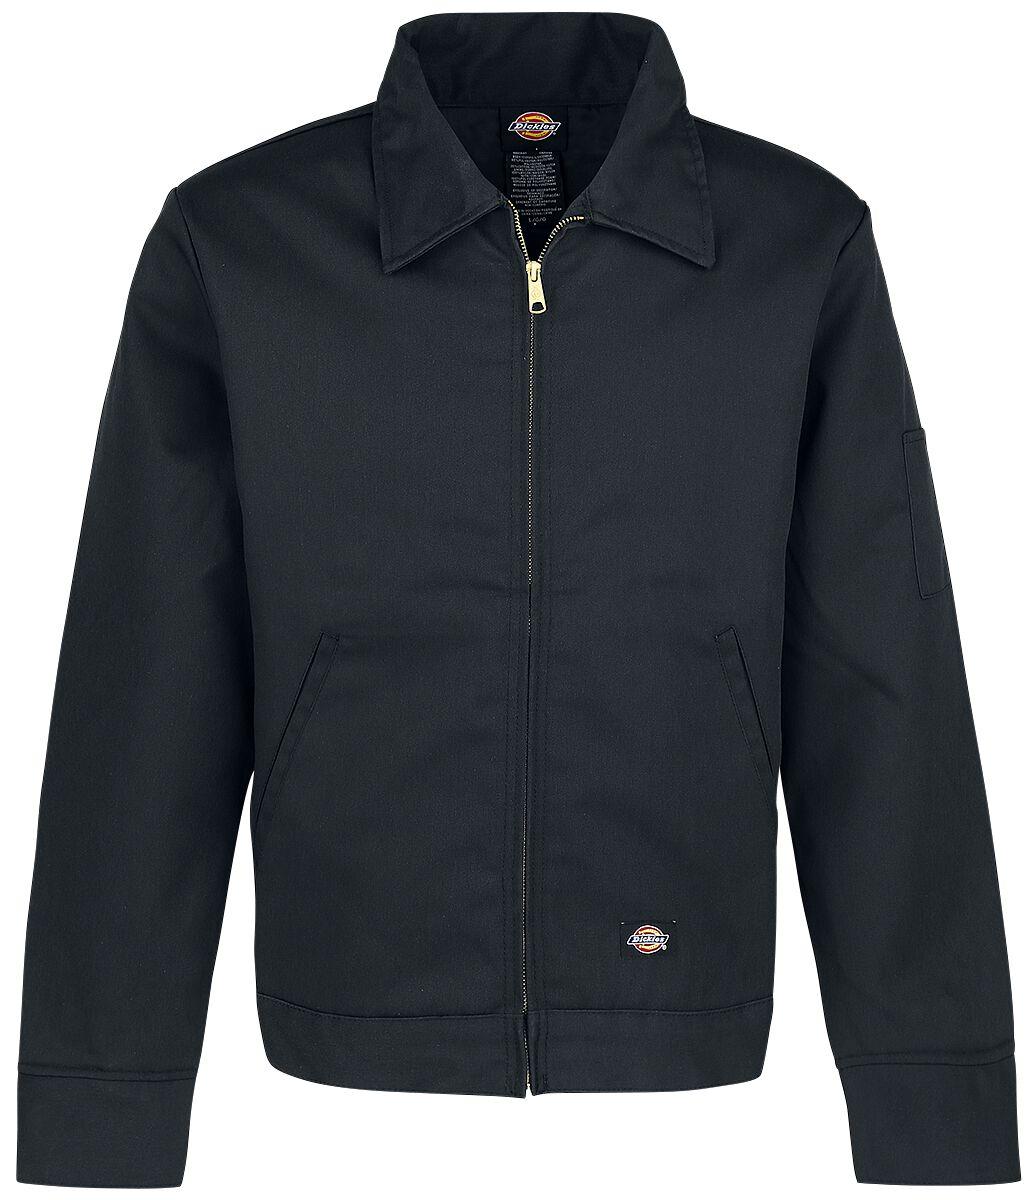 Image of   Dickies Unlined Eisenhower Jacket Jakke sort